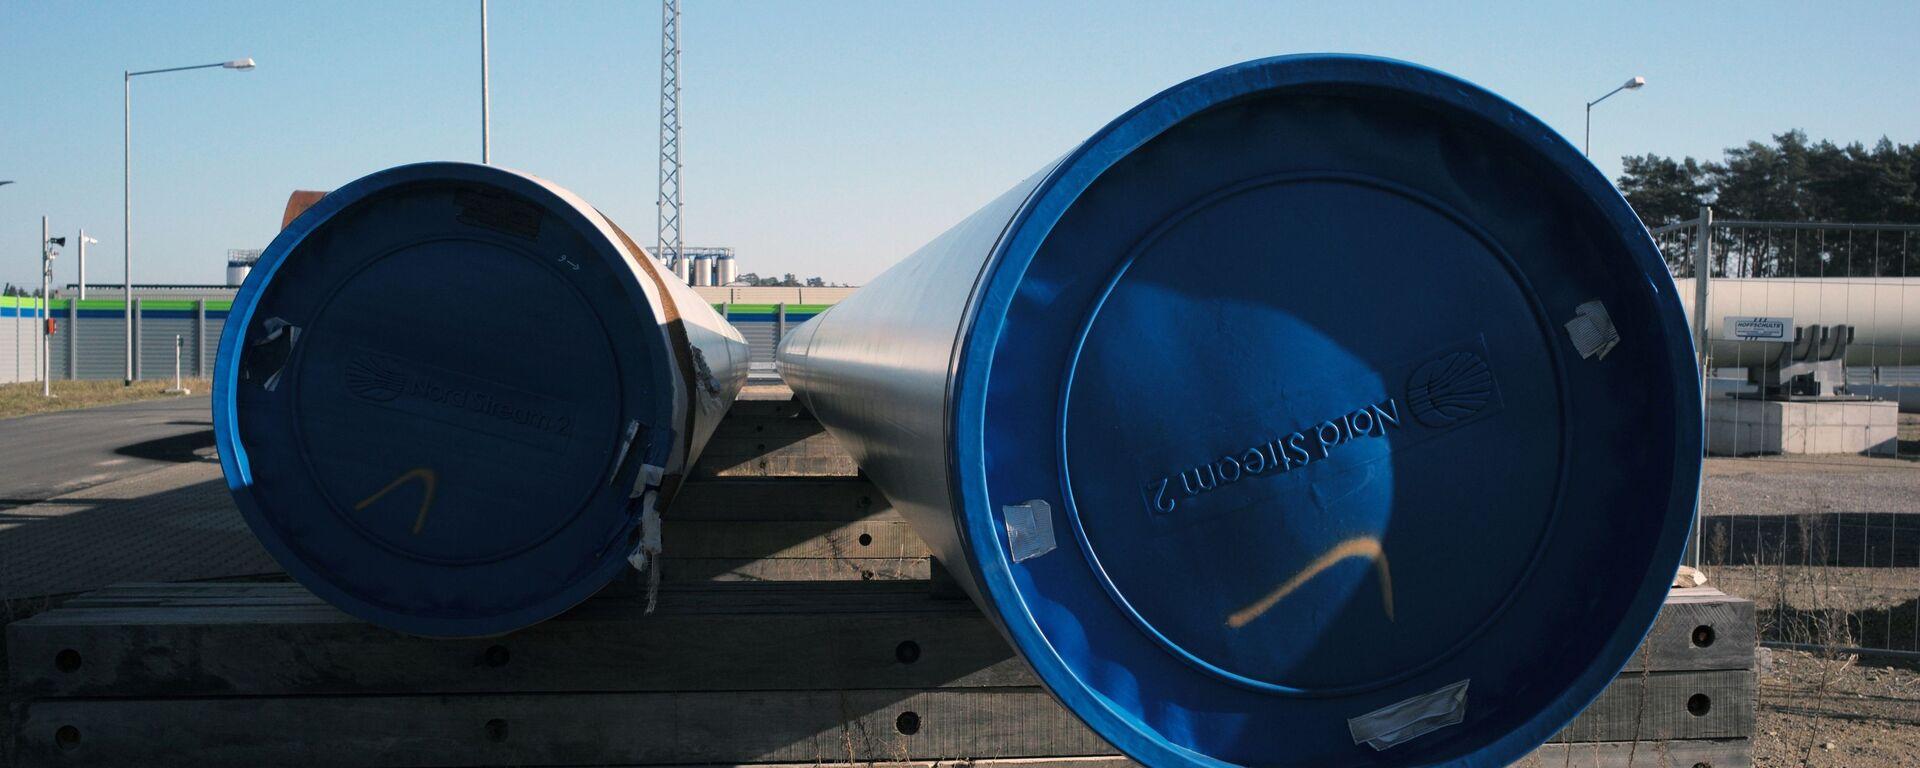 Pobřežní objekty plynovodu Nord Stream 2 v německém Lubminu - Sputnik Česká republika, 1920, 21.07.2021